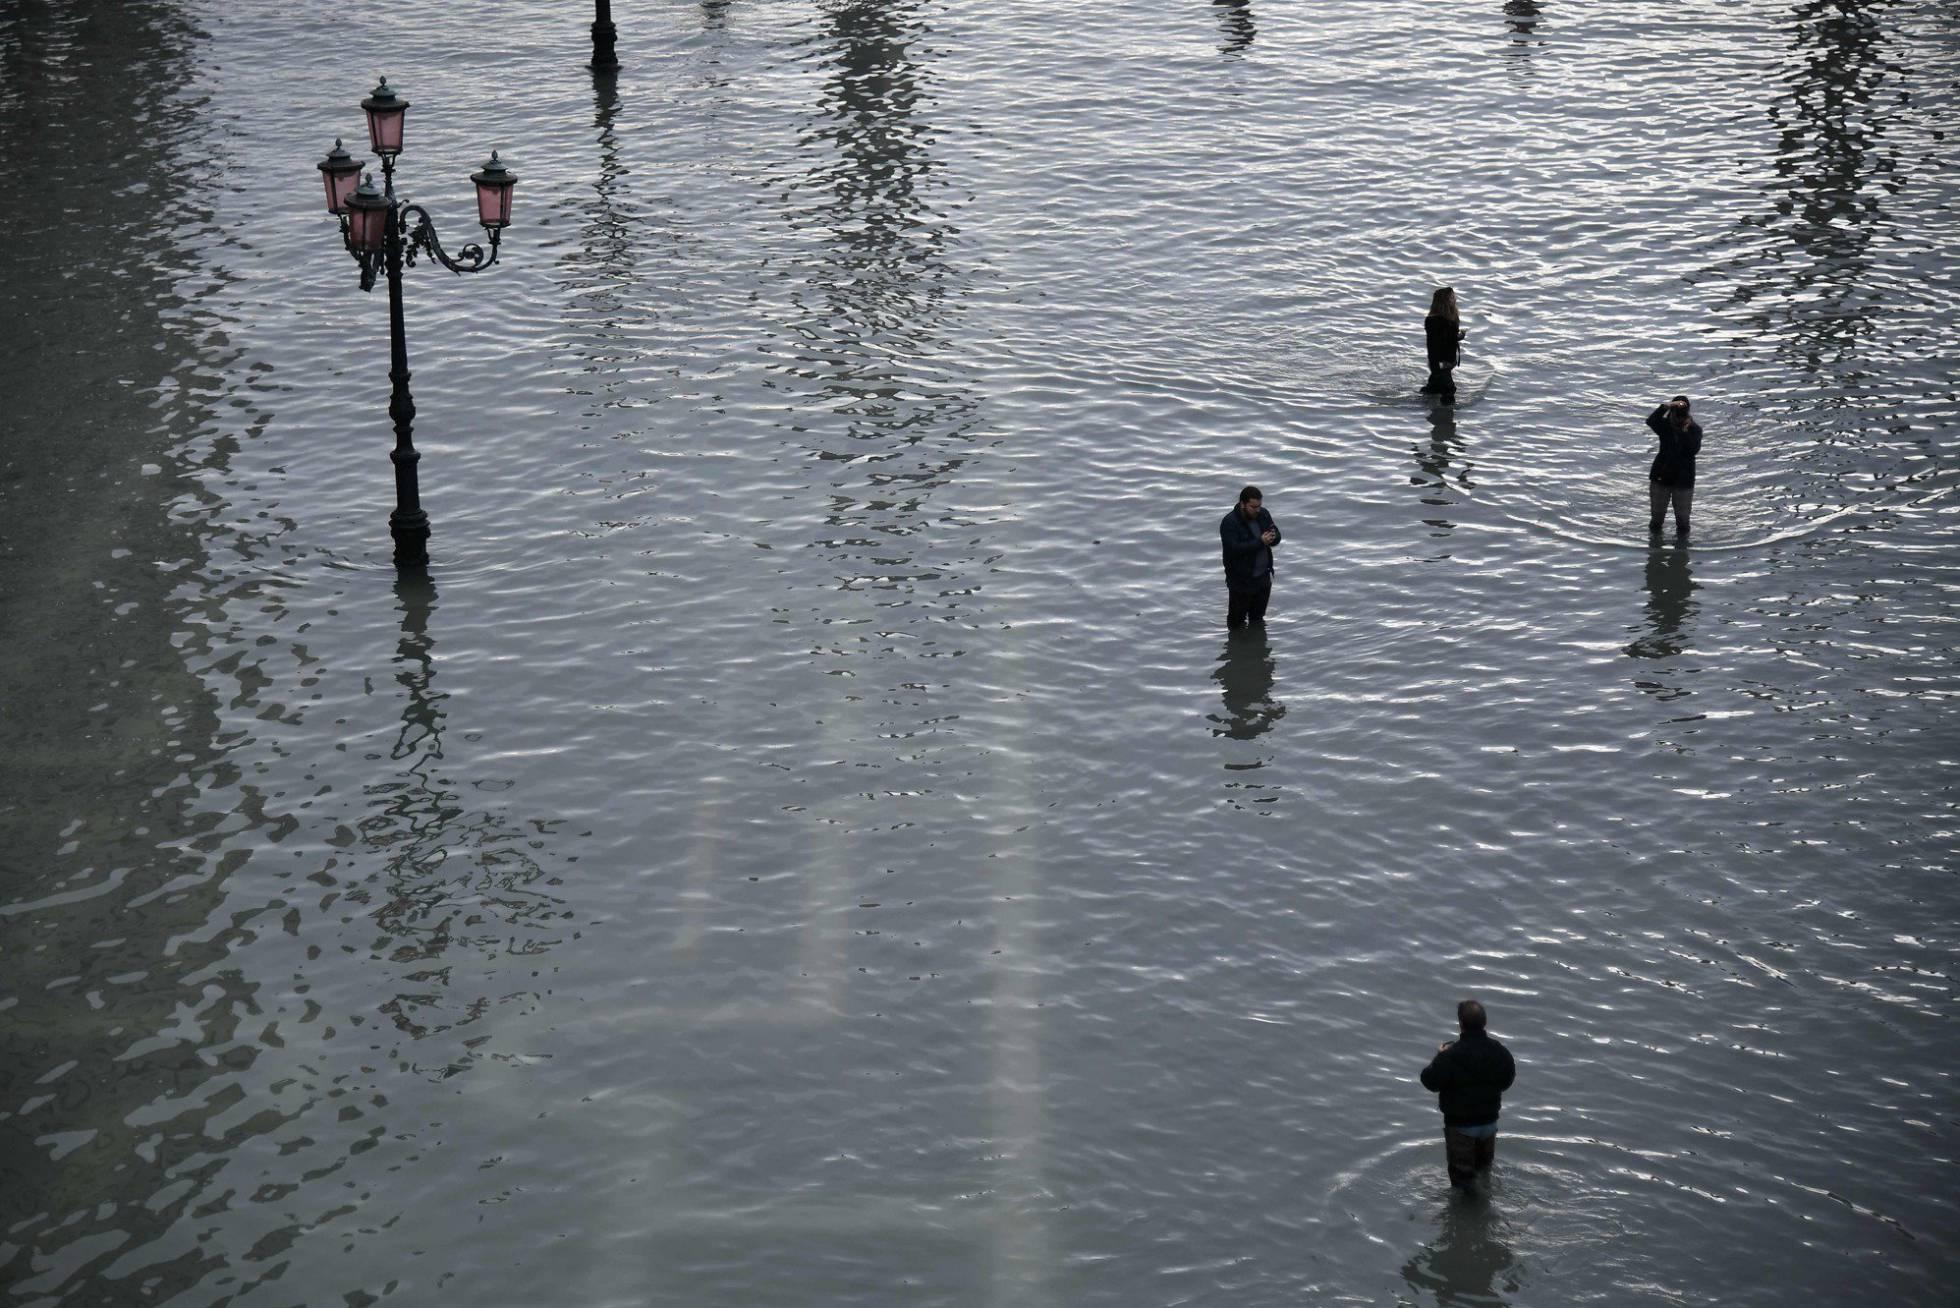 inundacion-venecia-historica-50-anos-fotos-videos-imagenes-05